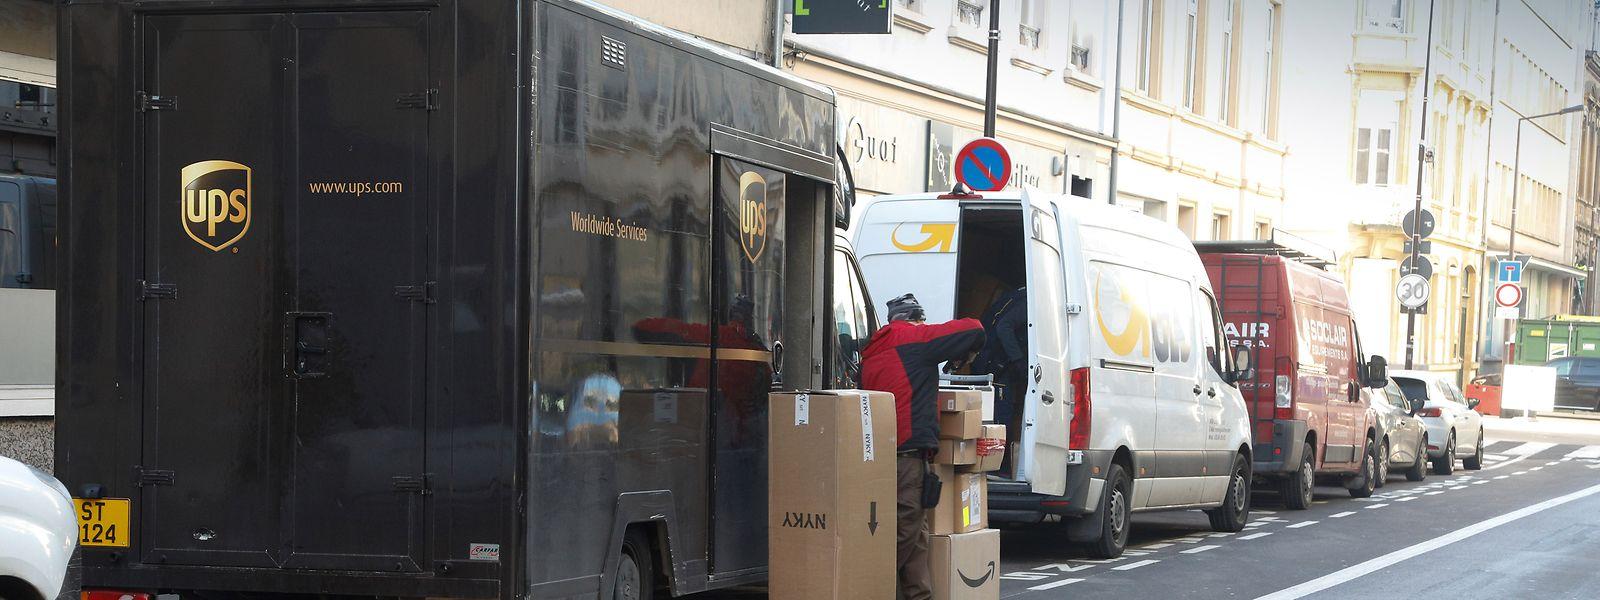 Obwohl die braunen Lieferwagen von UPS auch in Luxemburg präsent sind, beschäftigt UPS selbst keinen einzigen Fahrer im Land.